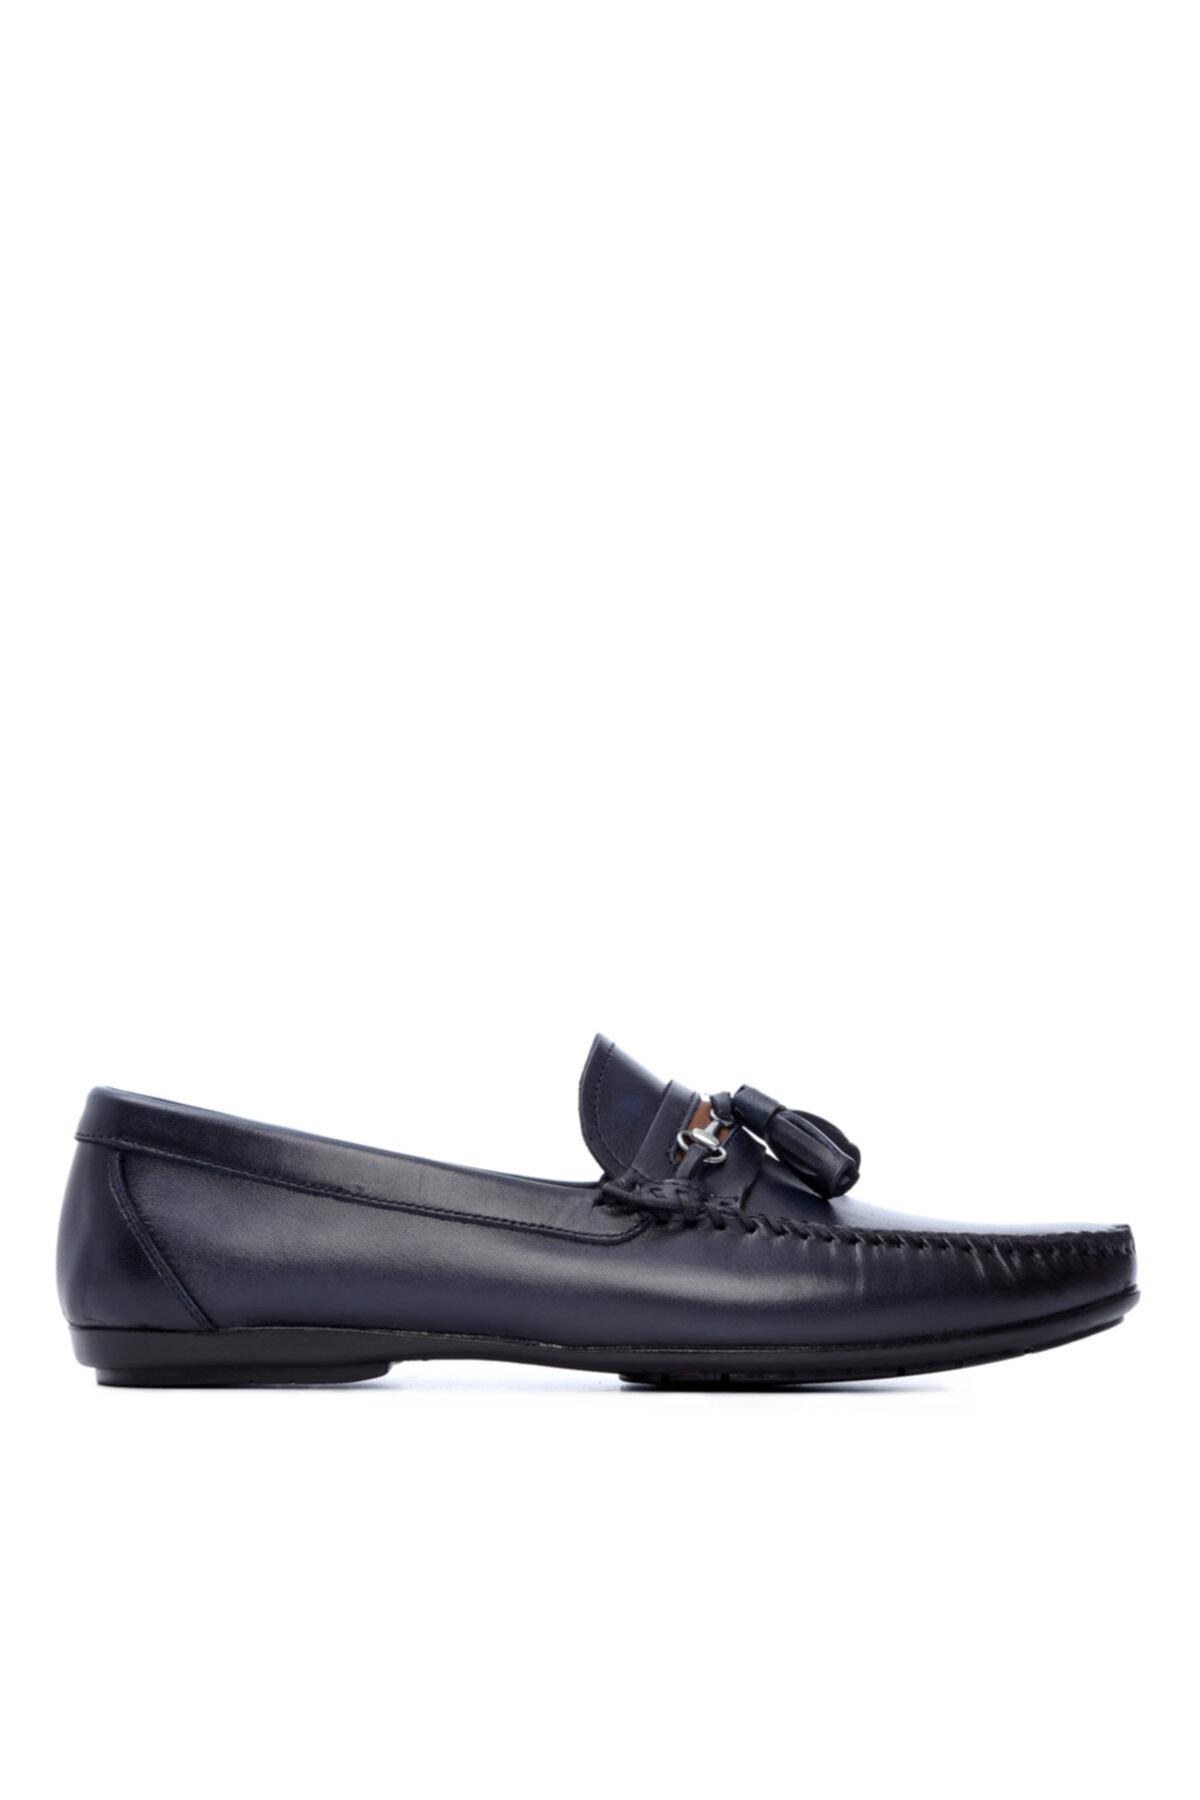 Erkek Derı Loafer Ayakkabı 682 8-996 Erk Ayk Y19